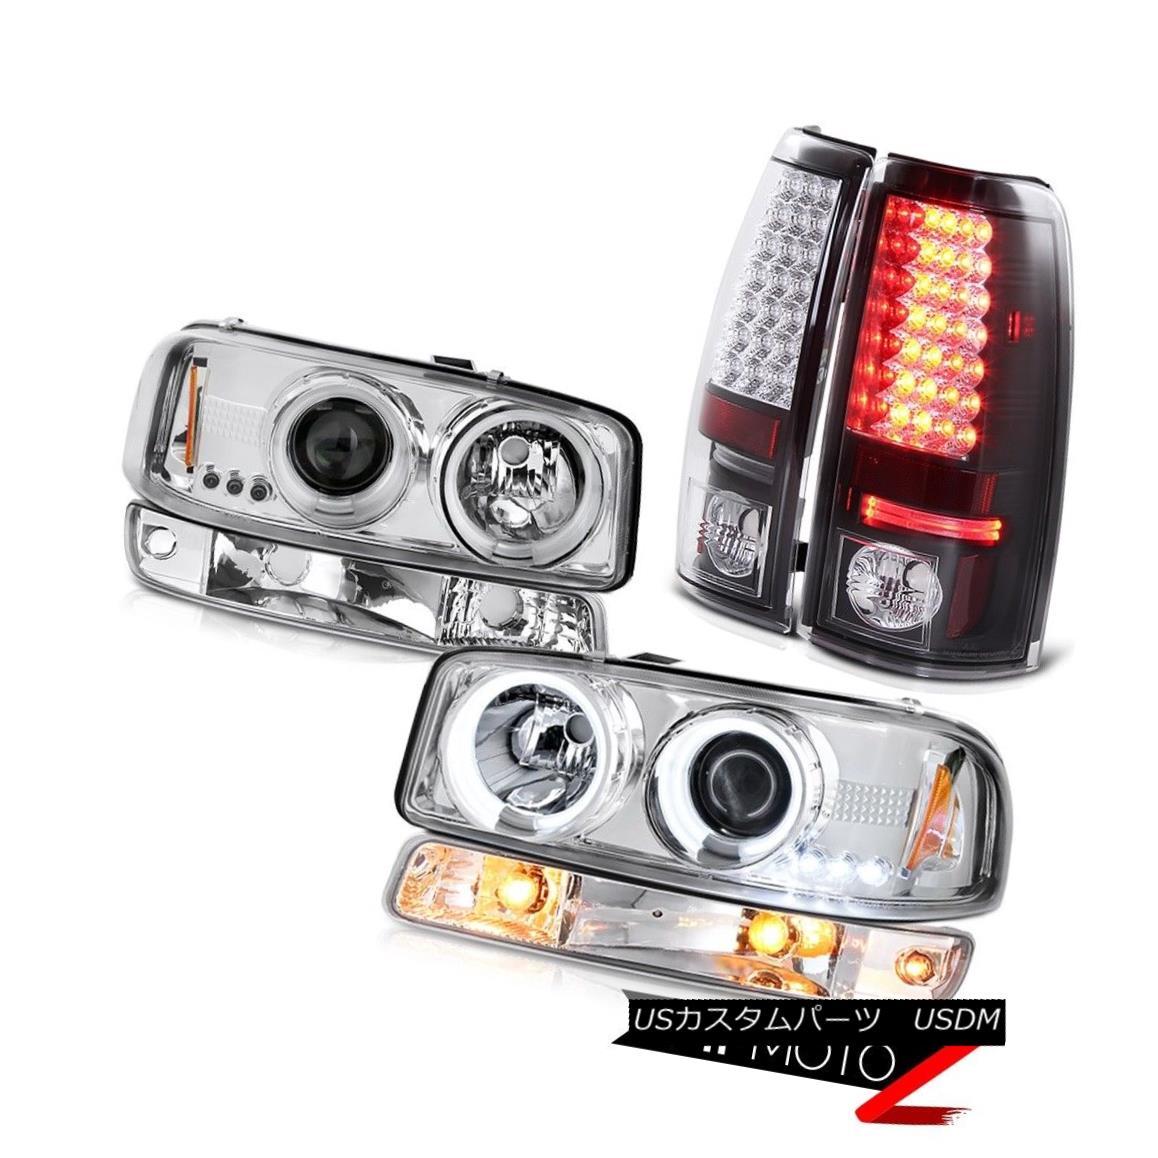 テールライト 1999-2002 Sierra WT Rear led brake lamps euro chrome signal light ccfl headlamps 1999-2002シエラWTリアブレーキランプのユーロクローム信号ライトccflヘッドライト